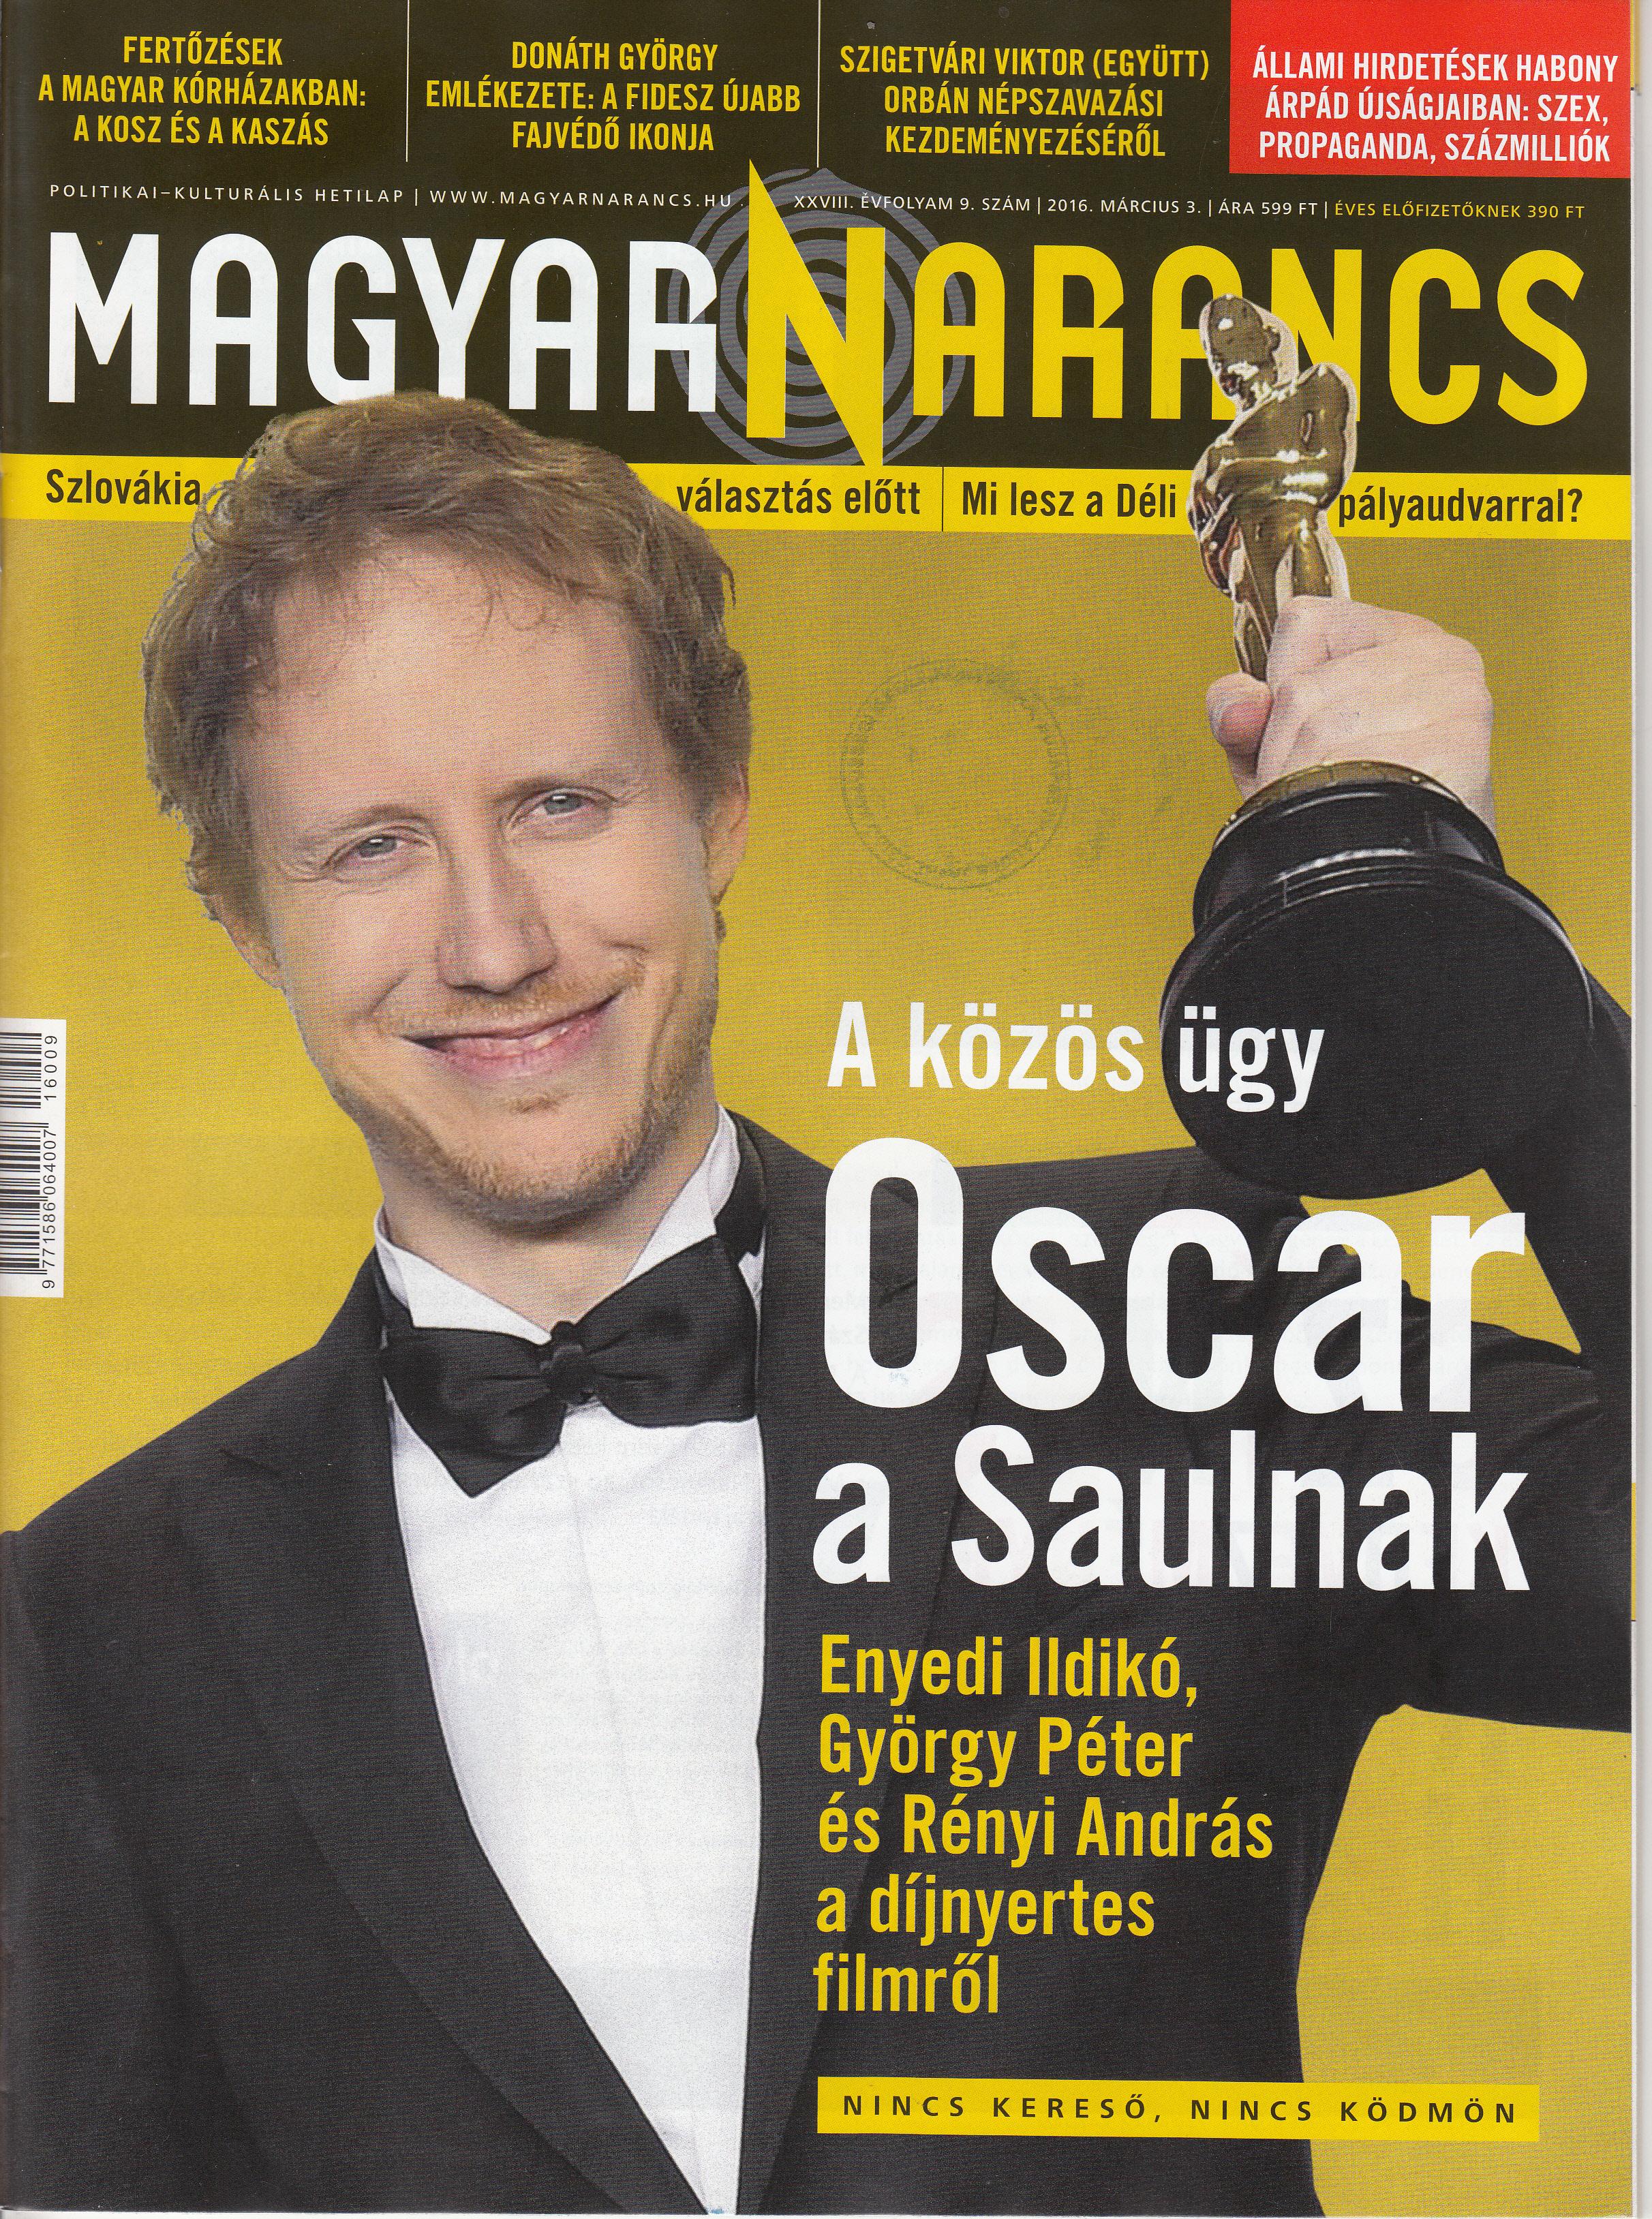 Magyar Narancs 2016 9  00da19be3e